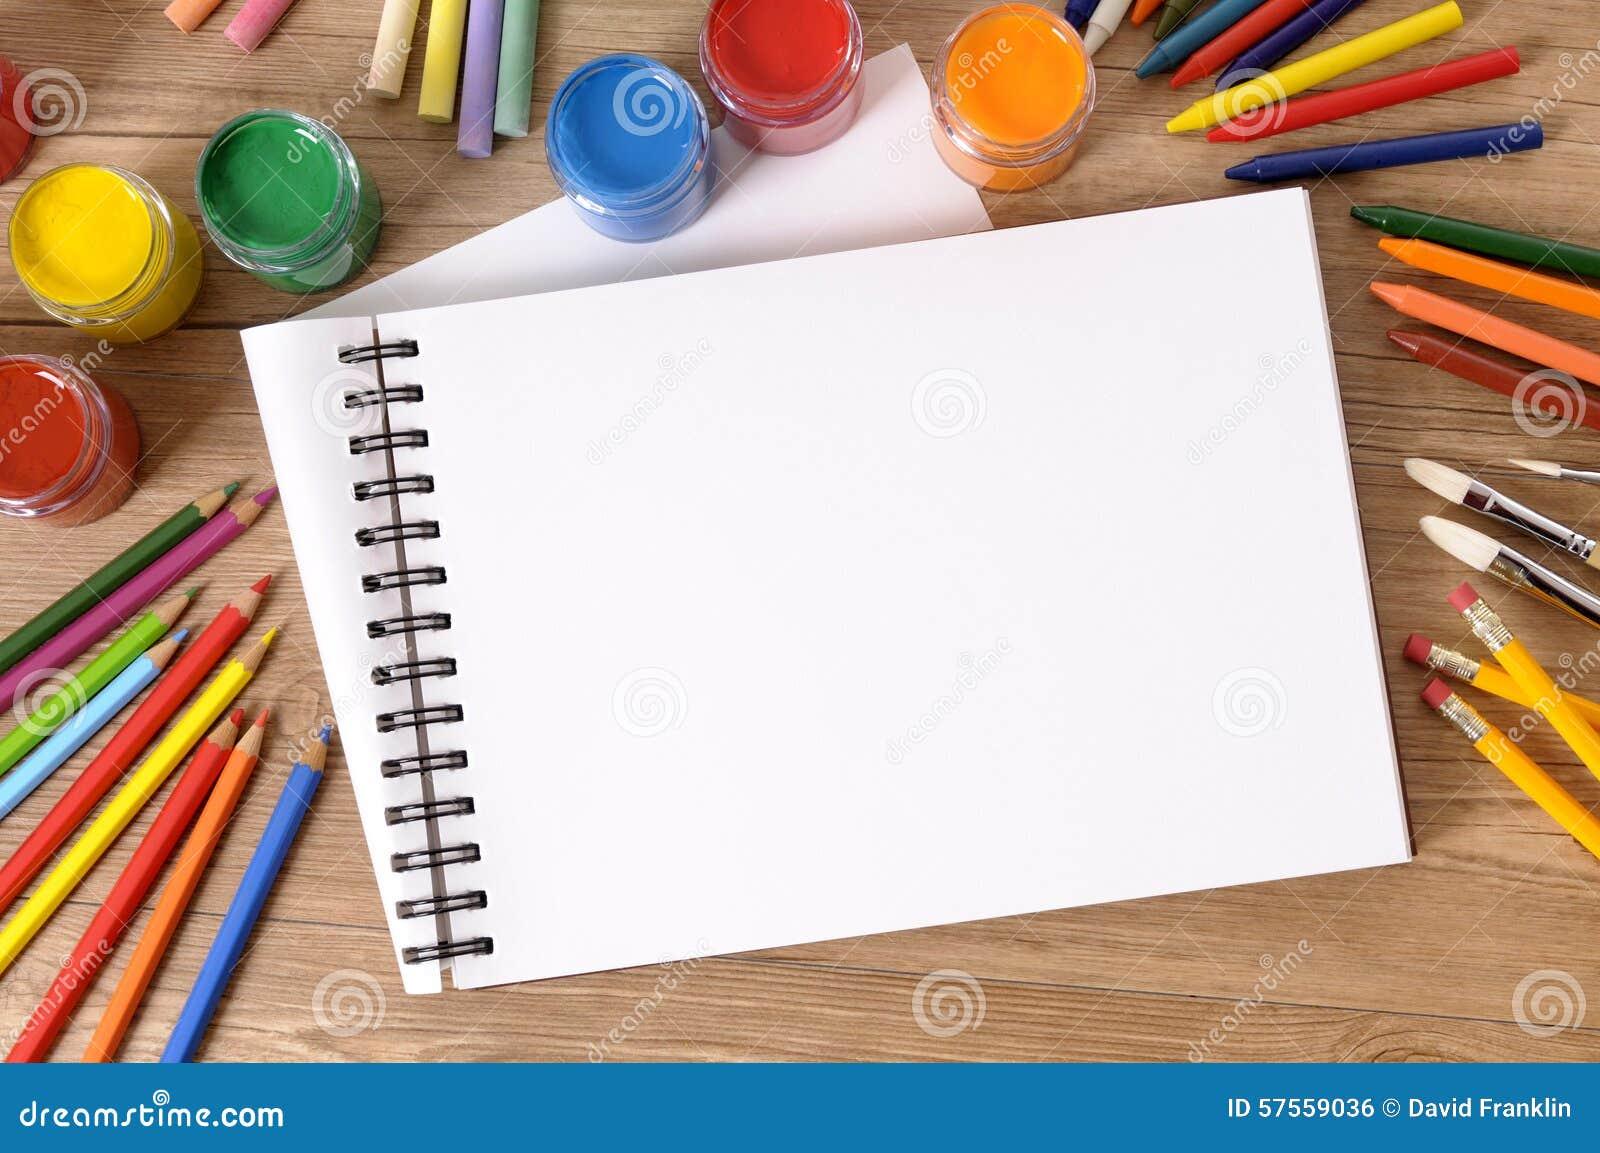 Κενό βιβλίο τέχνης ή μαξιλάρι σκίτσων με τον εξοπλισμό τέχνης, χρώματα στο σχολικό γραφείο, διάστημα αντιγράφων